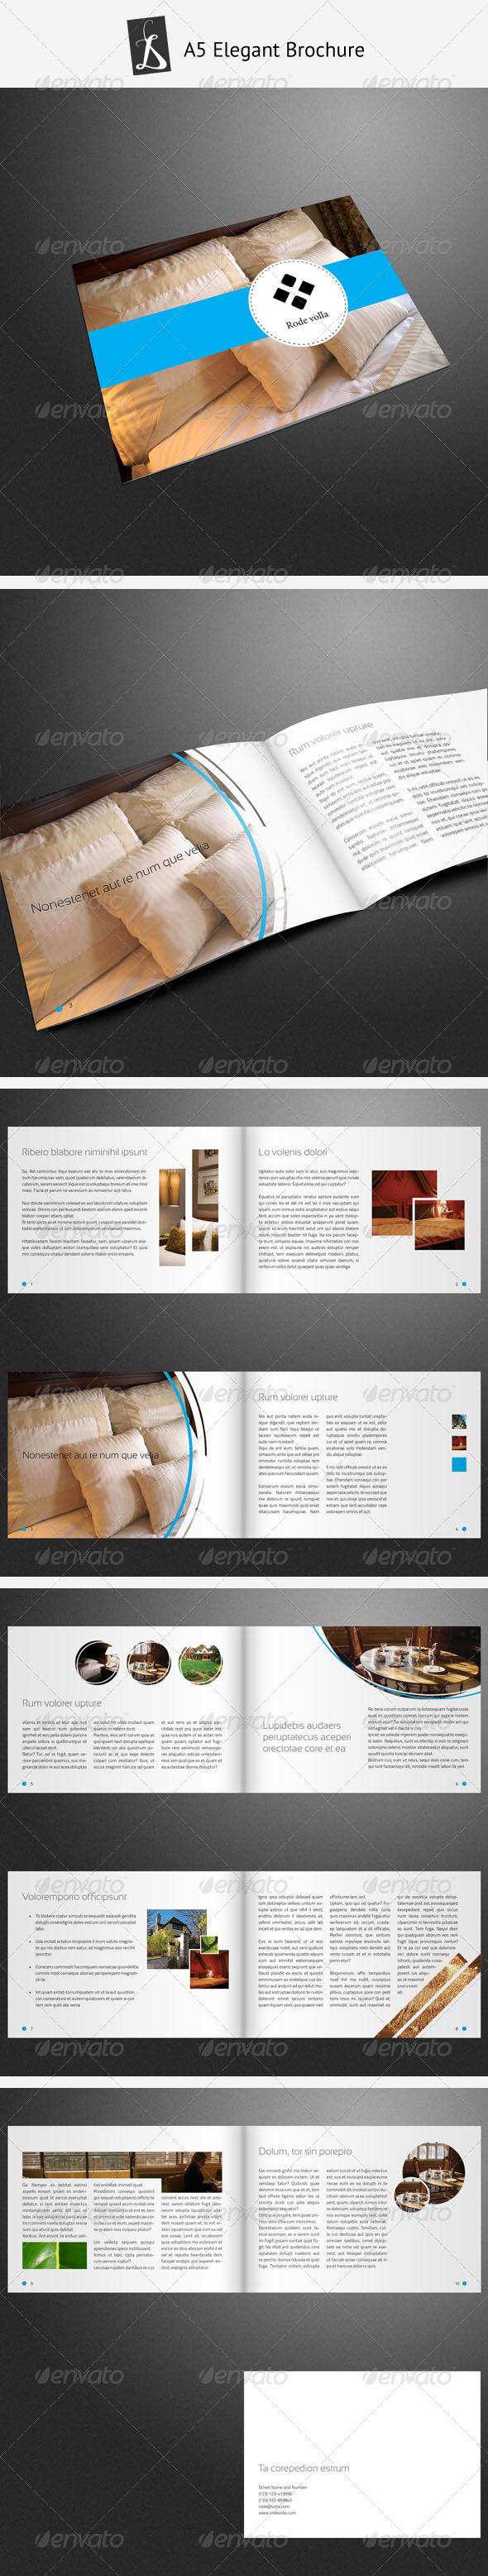 GraphicRiver A5 Brochure 9 843492